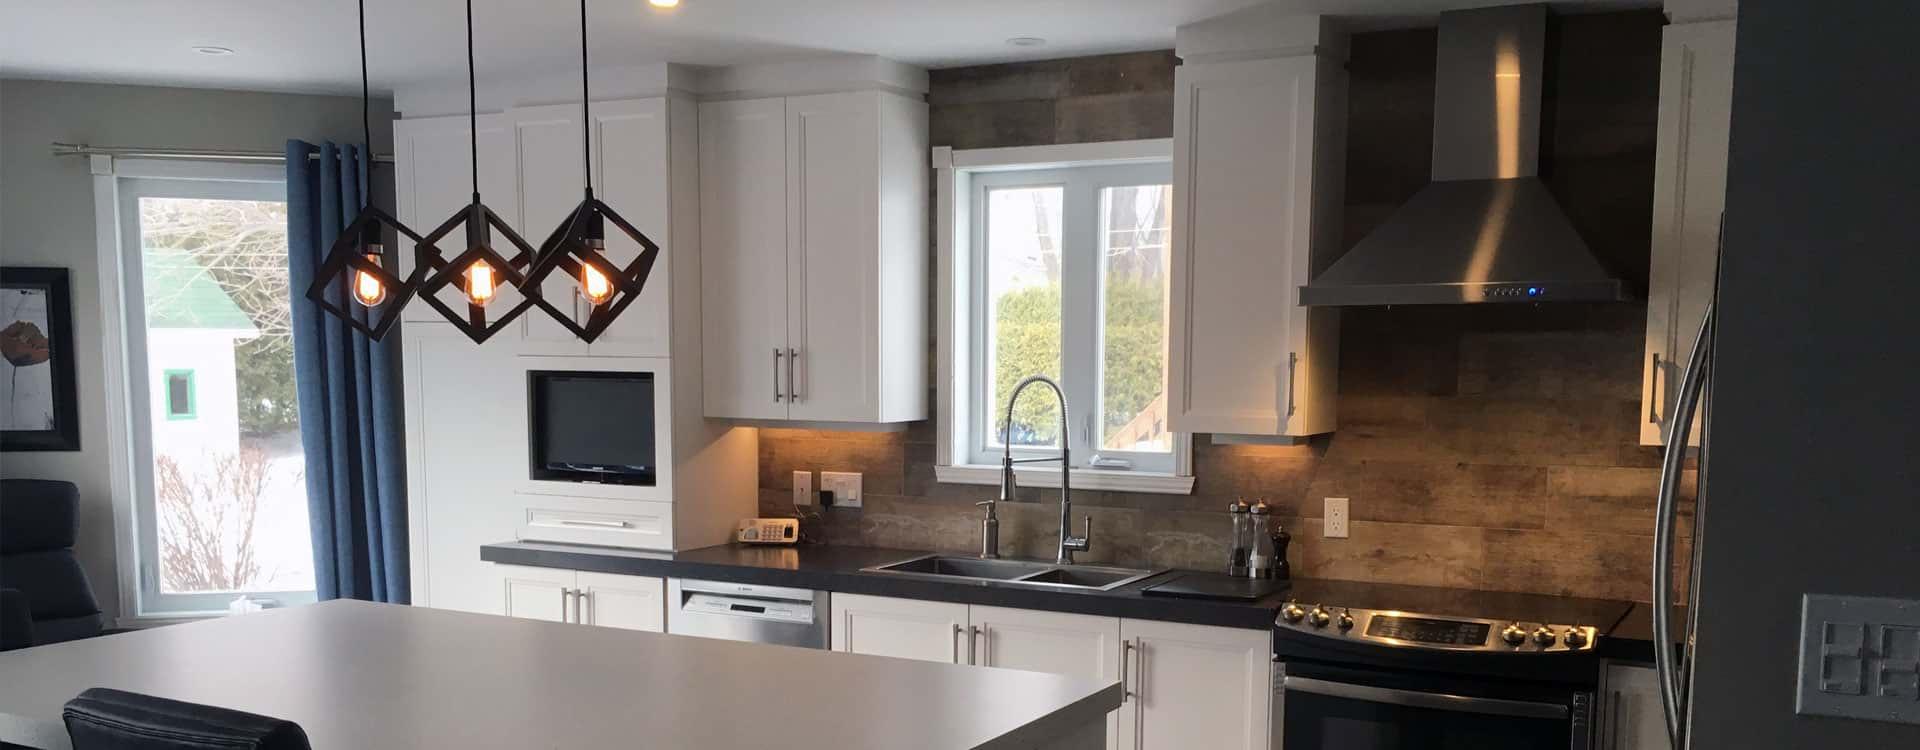 Refacing Resufacage Et Renovation De Cuisine Et Salle De Bain A Quebec